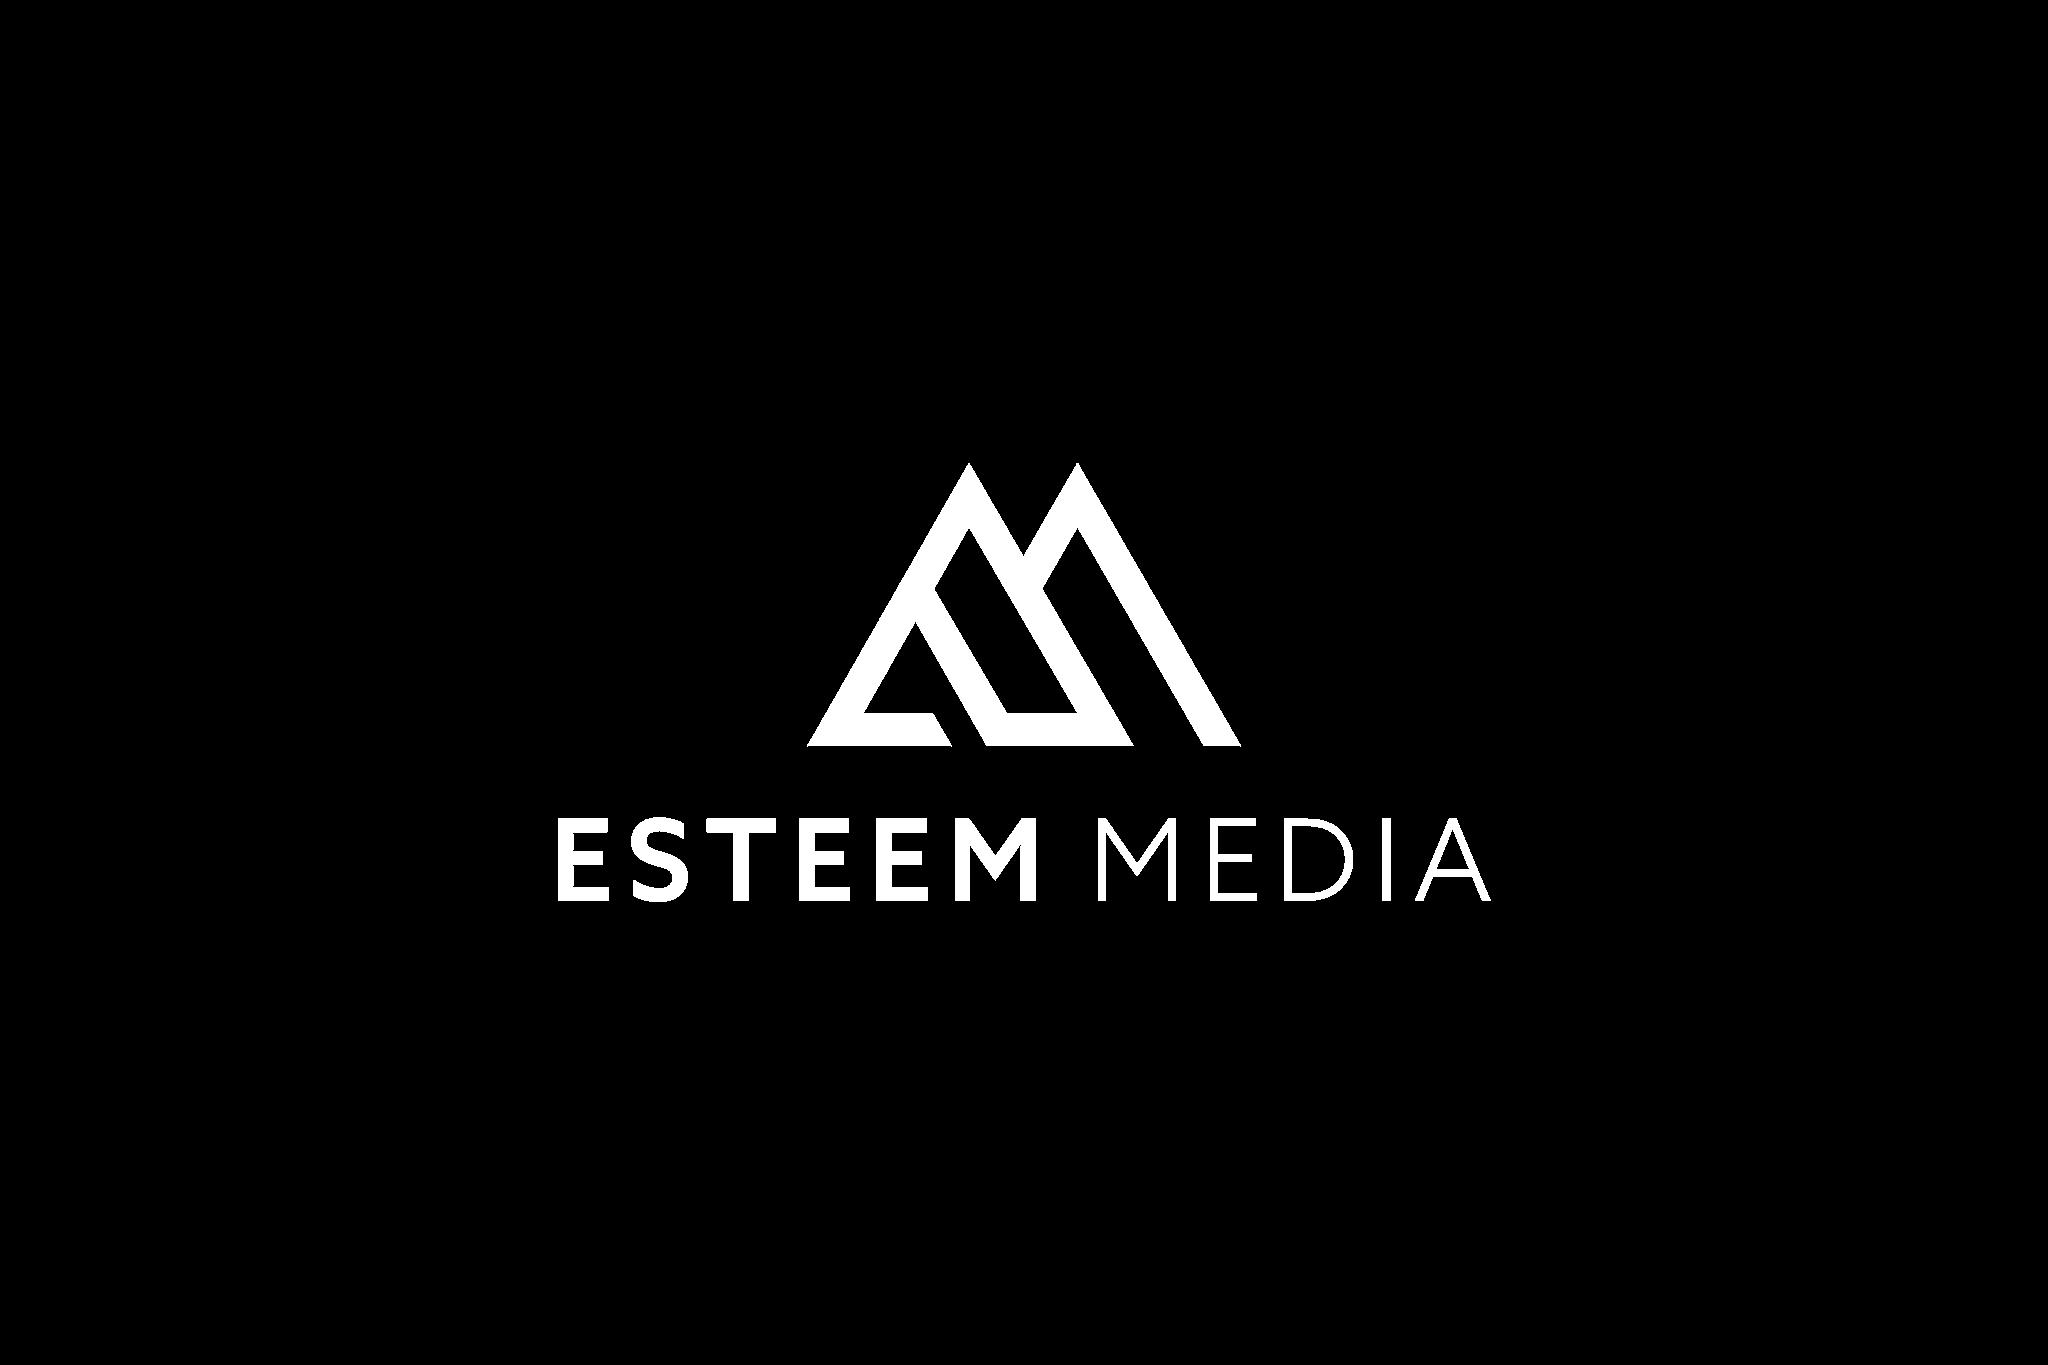 Esteem Media